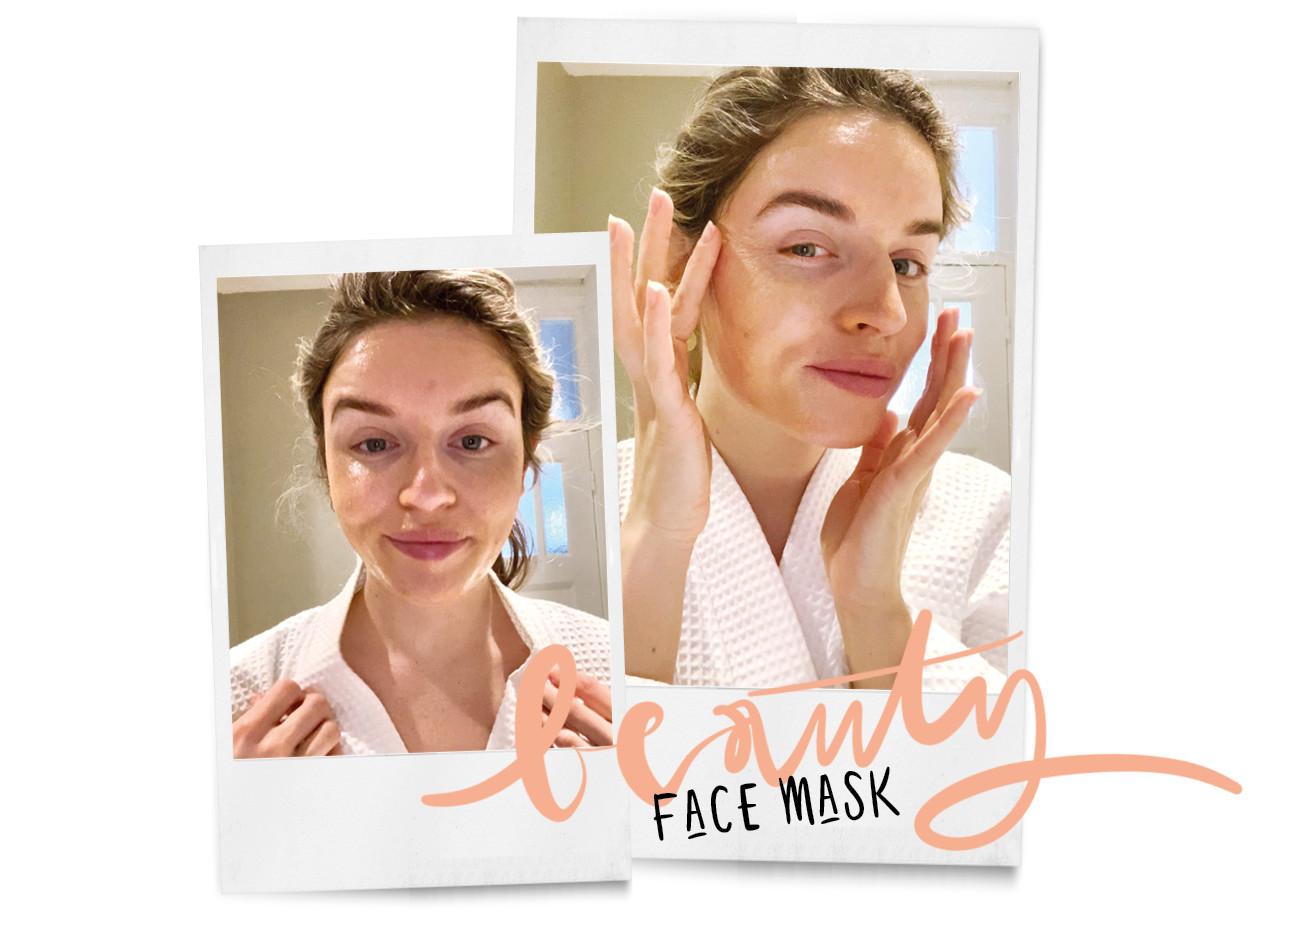 Lotte lachend met een gezichtsmasker op haar gezicht